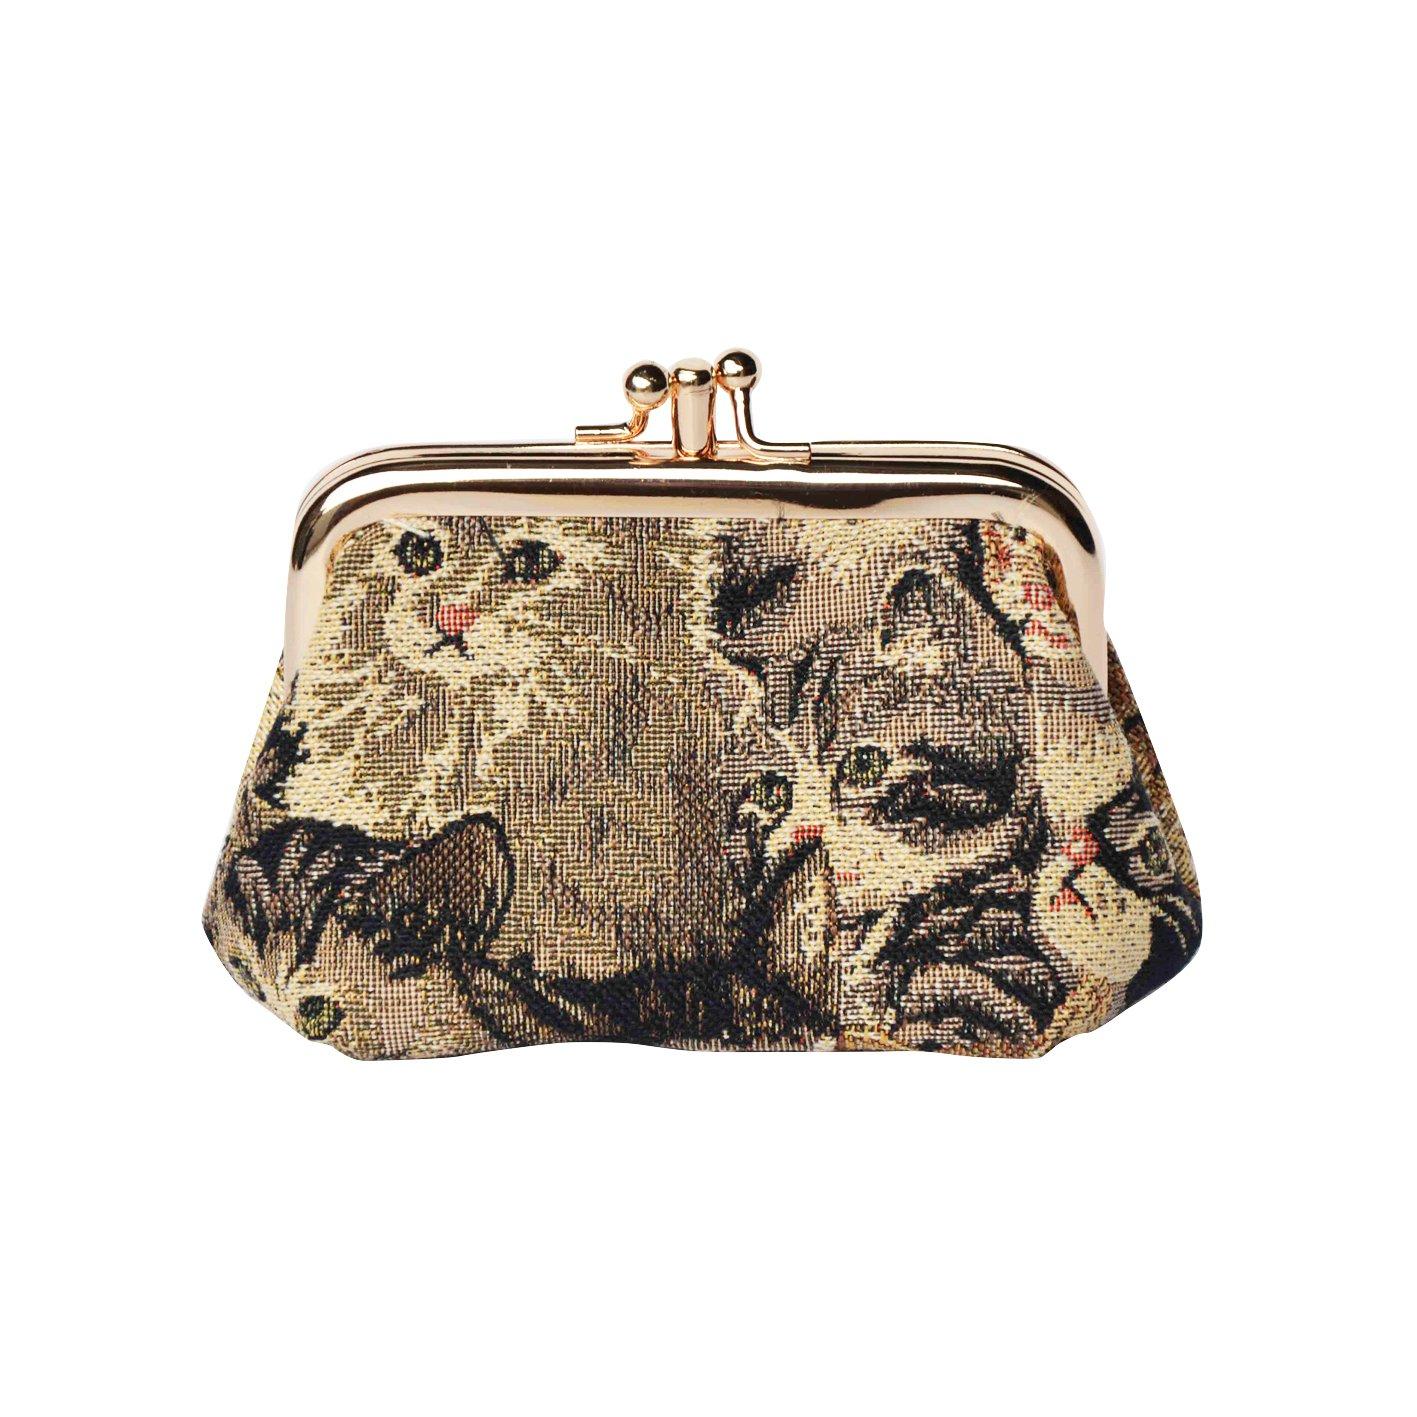 827f818f1ea02 Damen Tapisserie Börse Portemonnaie Münzbörsen Mit Metall Verschlussart  William Morris der Cray  Amazon.de  Koffer